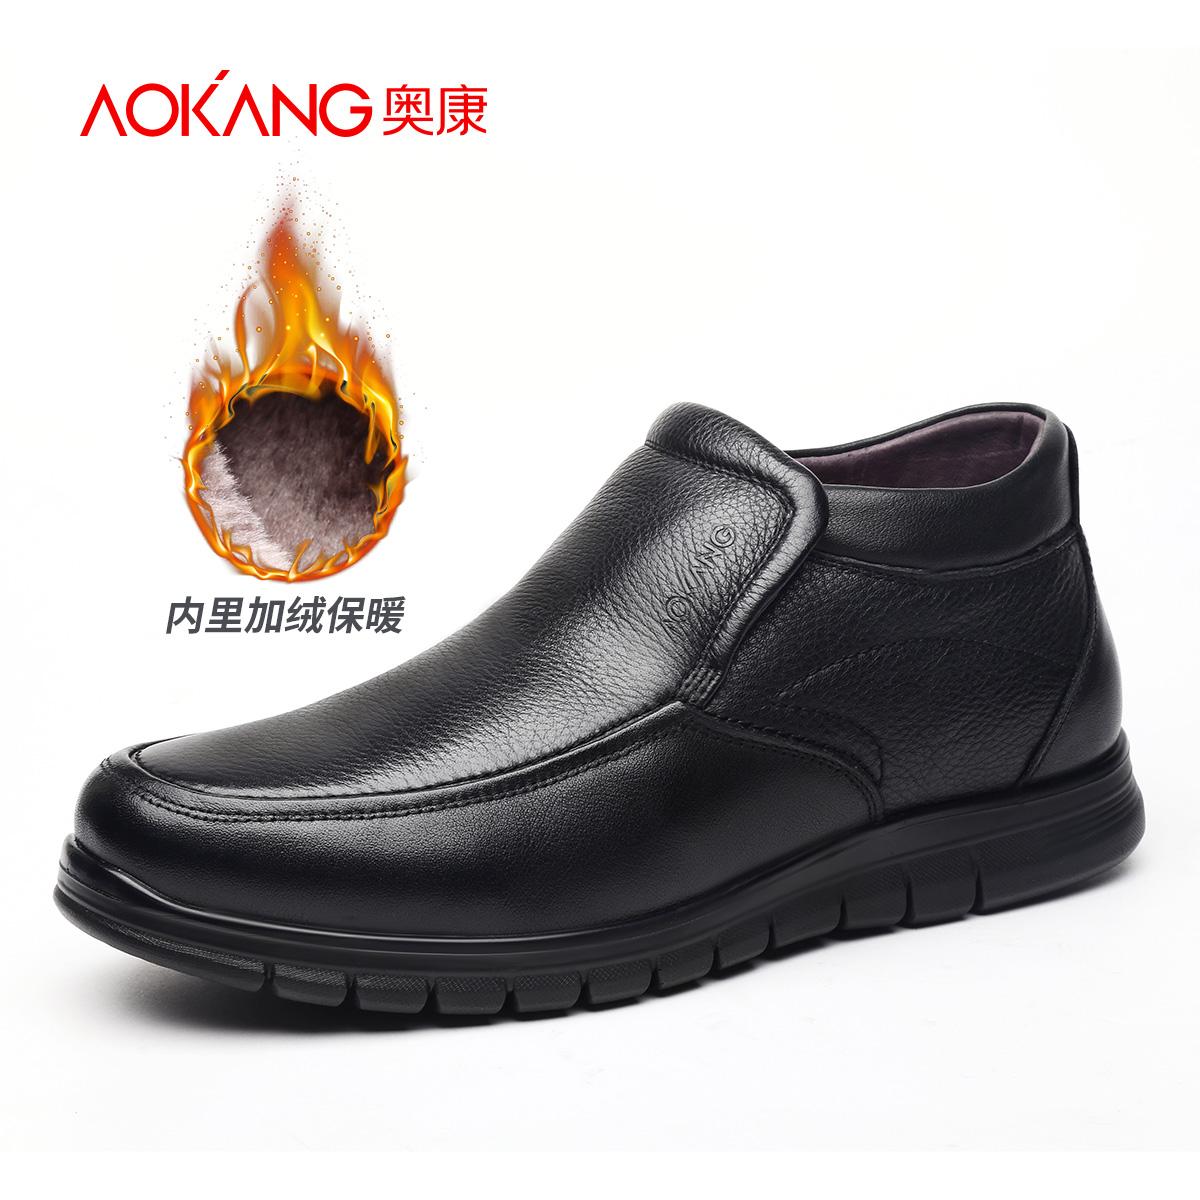 奥康新款冬季男士商务短毛绒真皮鞋